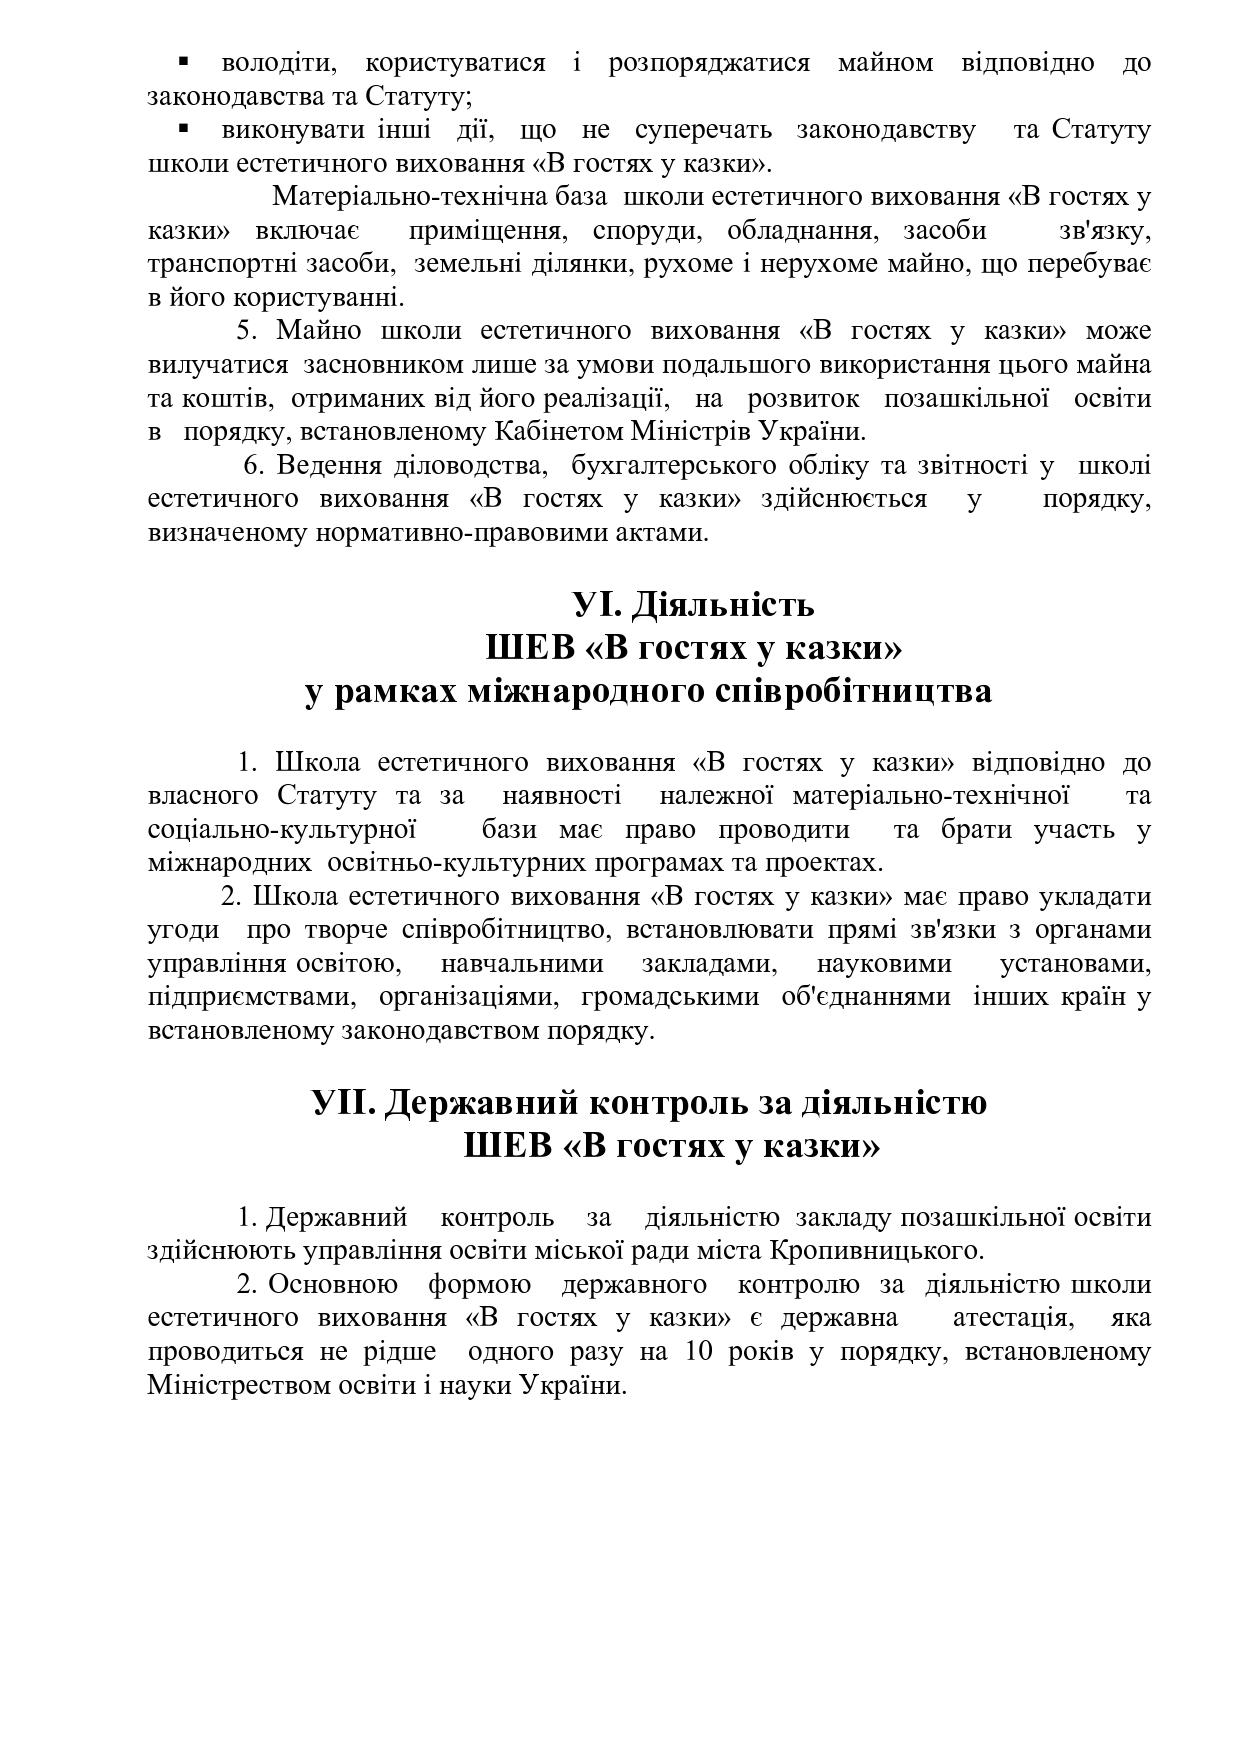 ПОЛОЖЕННЯ про ШЕВ 2021 оновлене-page0011